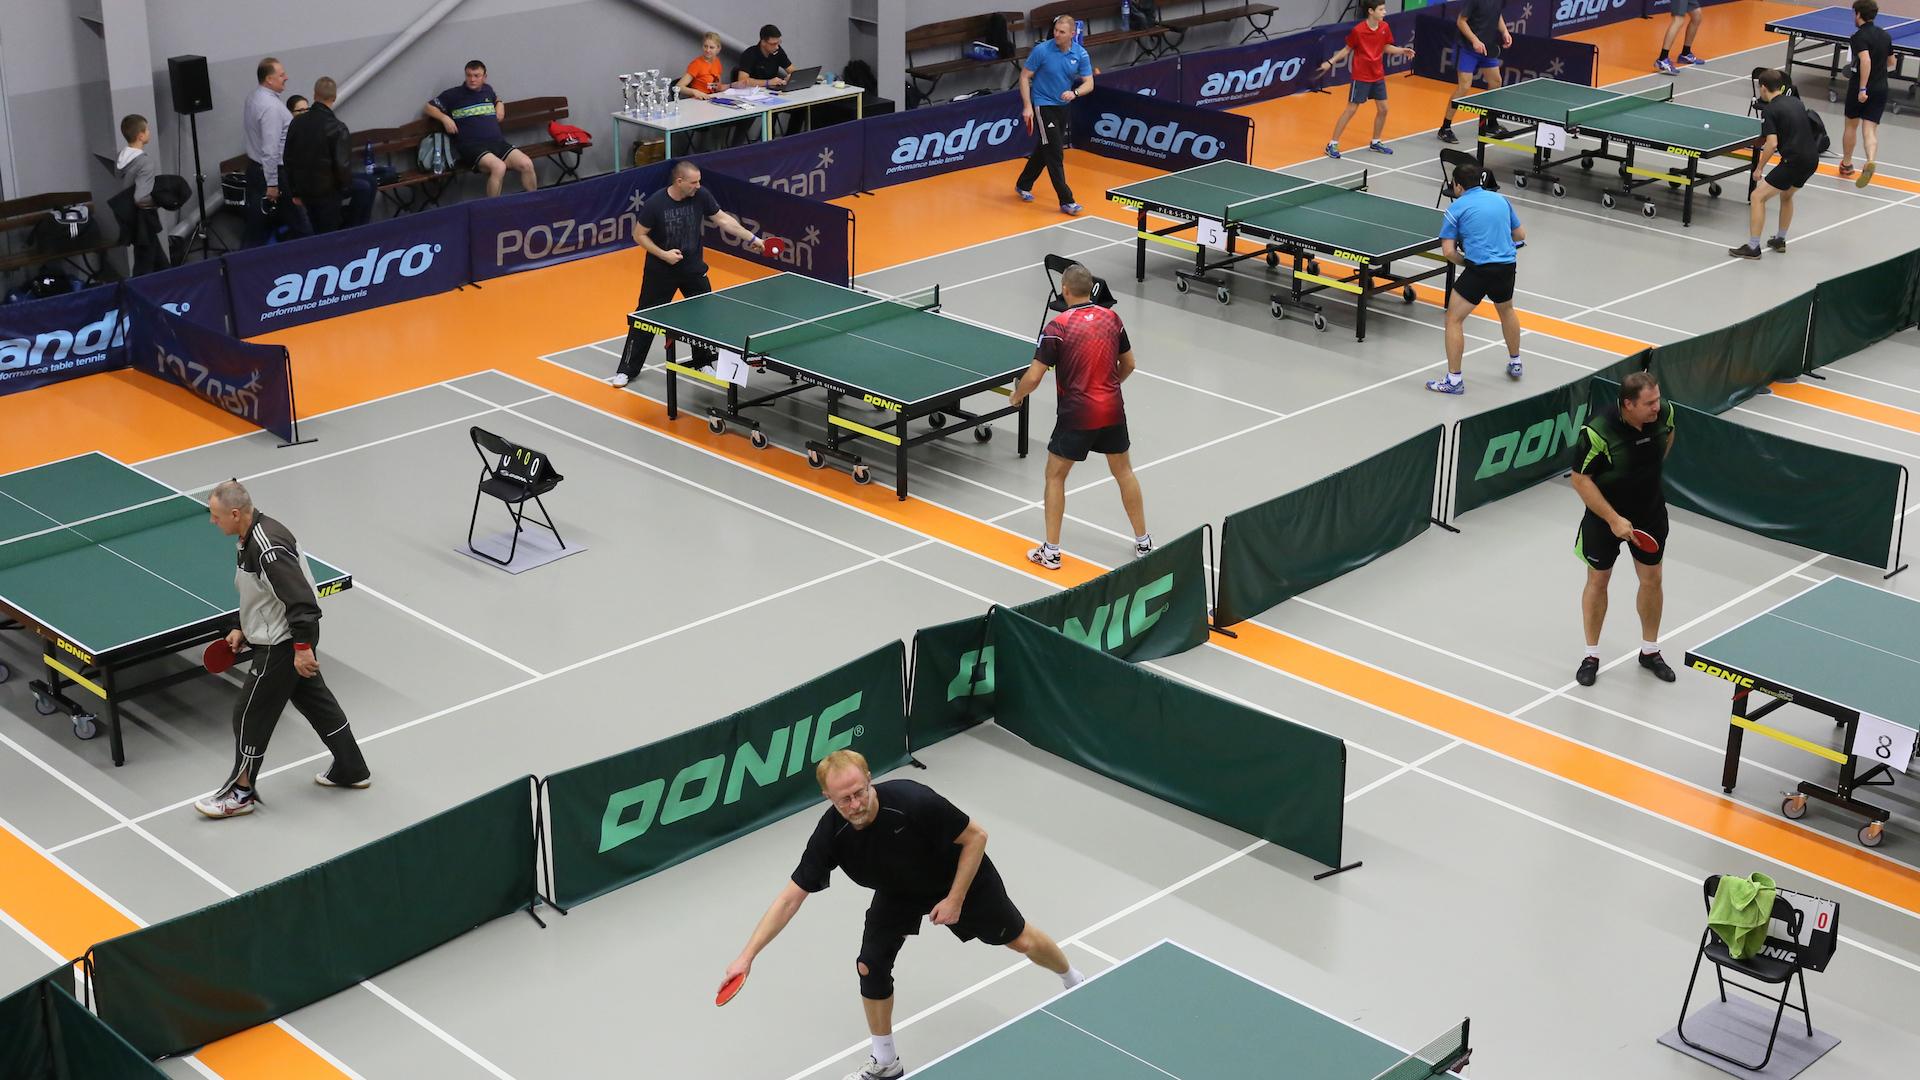 Tenis stoły (ping-pong) Poznań